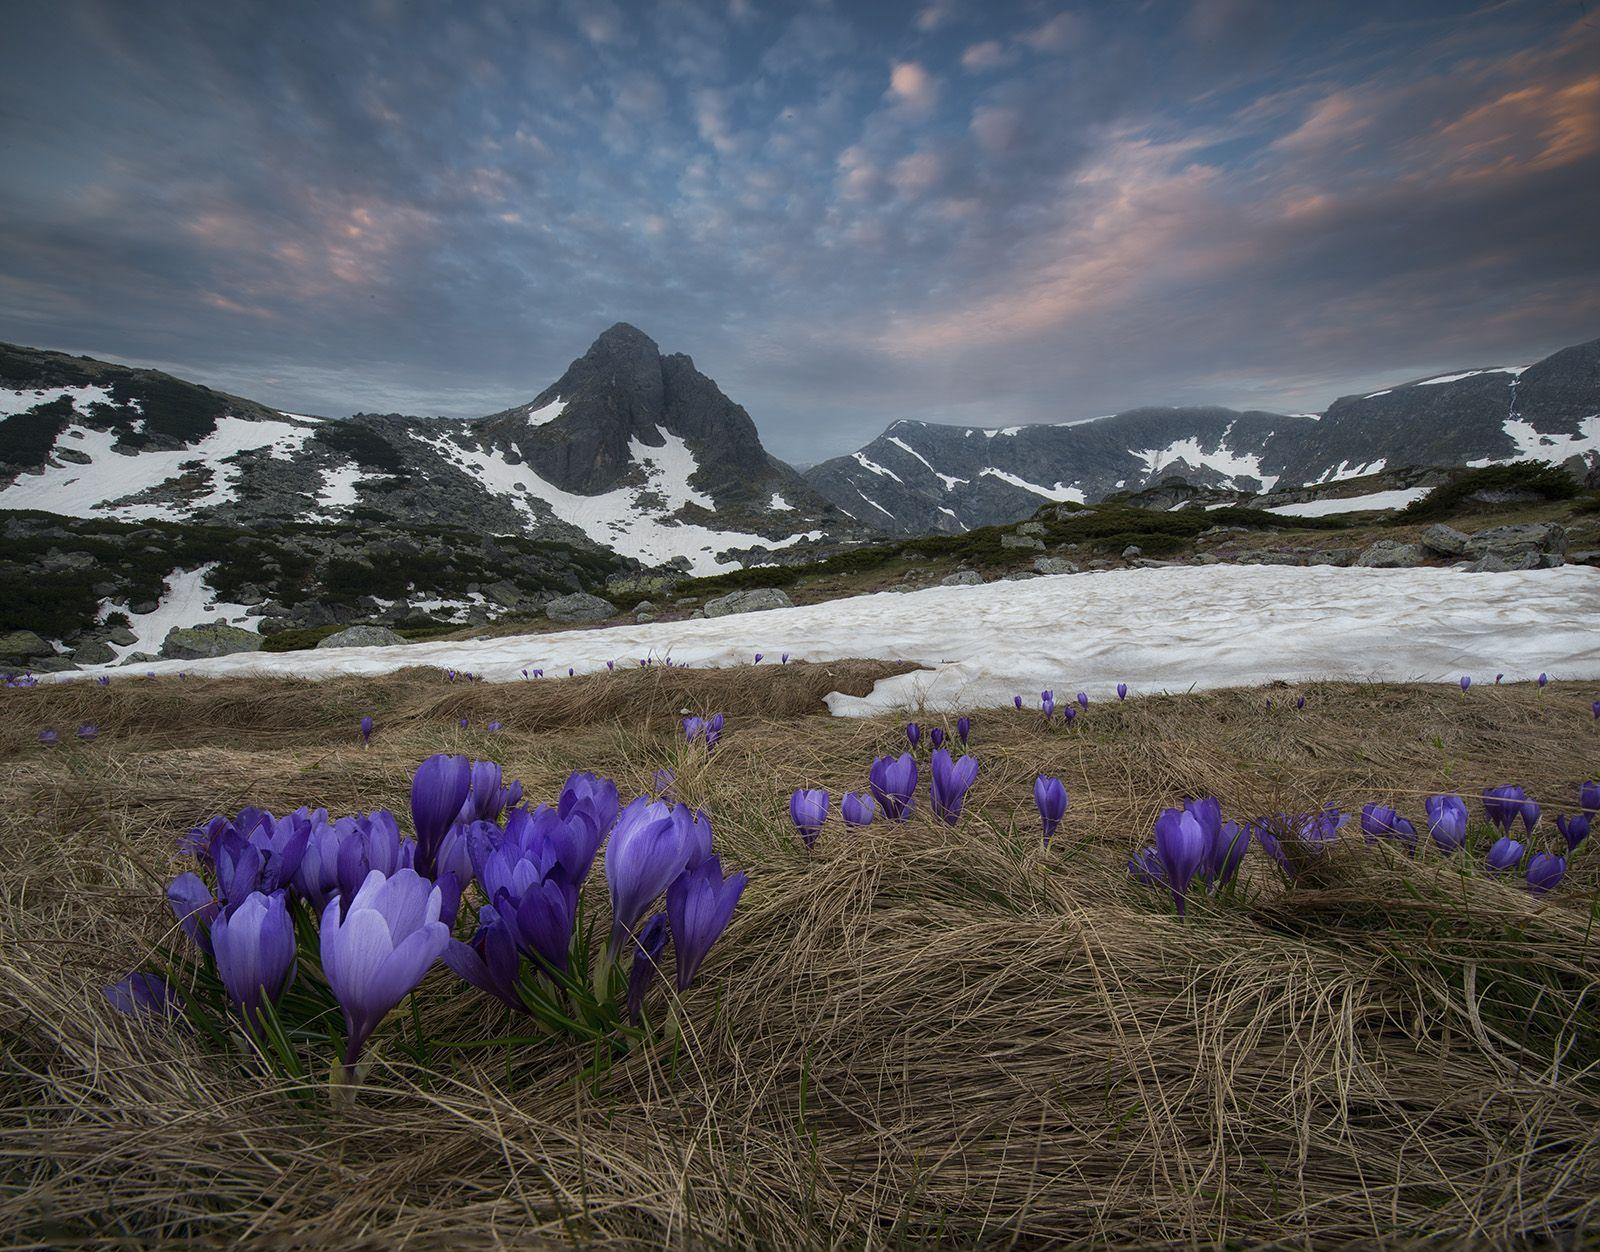 машины красивые горные пейзажи весна с тюльпанами фото сайте